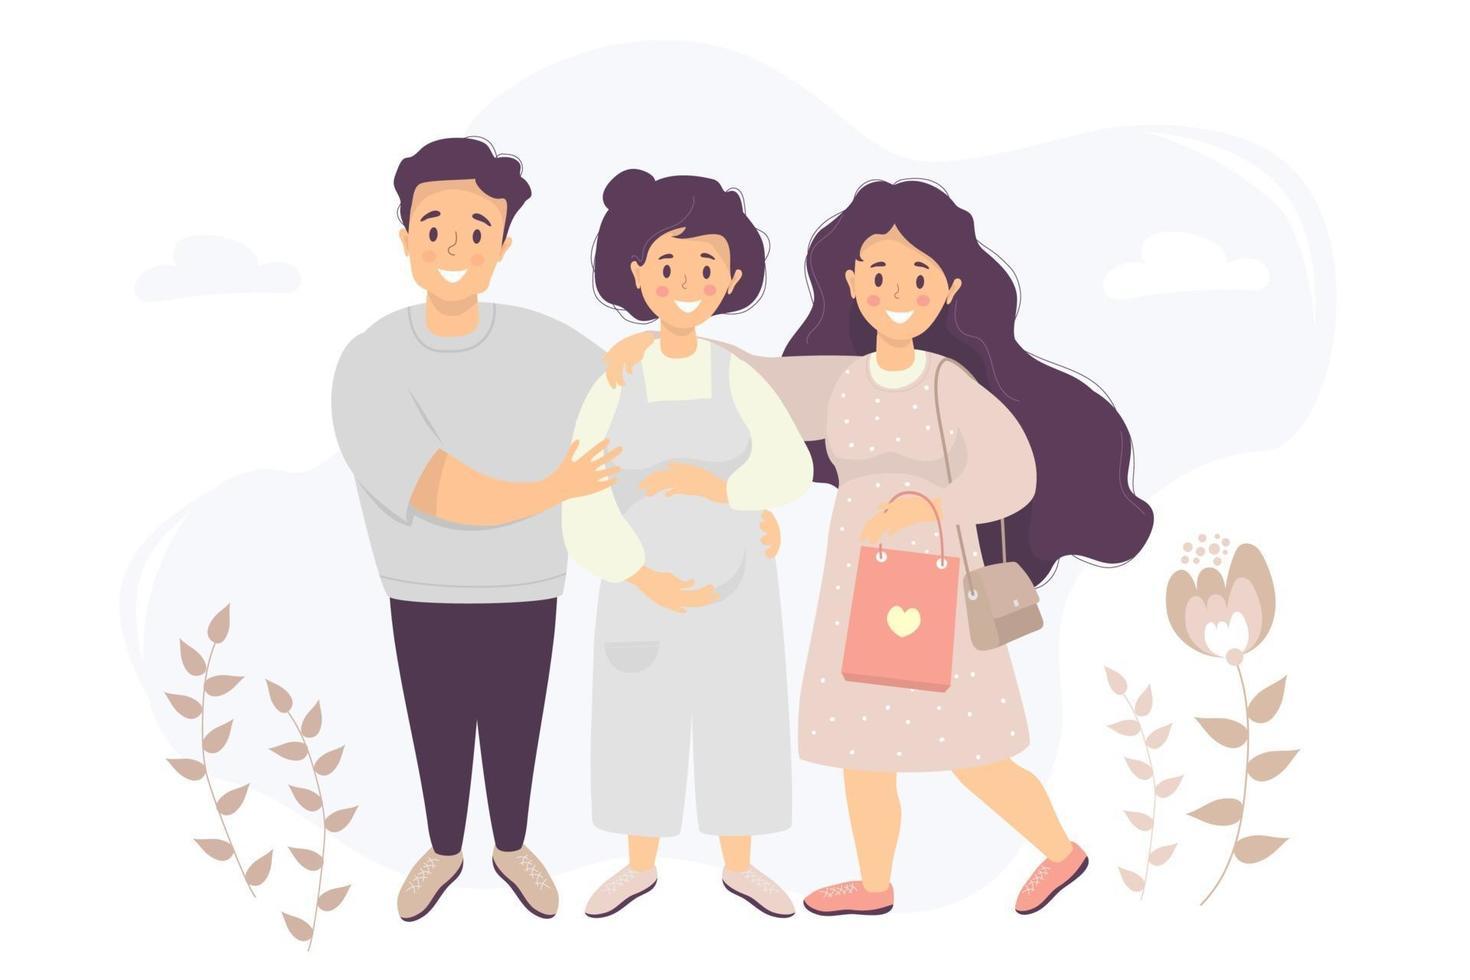 vetor plana de família feliz. mulher grávida de macacão acaricia a barriga com as mãos. o marido se levanta e a abraça. perto de uma garota com um pacote nas mãos em um fundo. ilustração em vetor plana